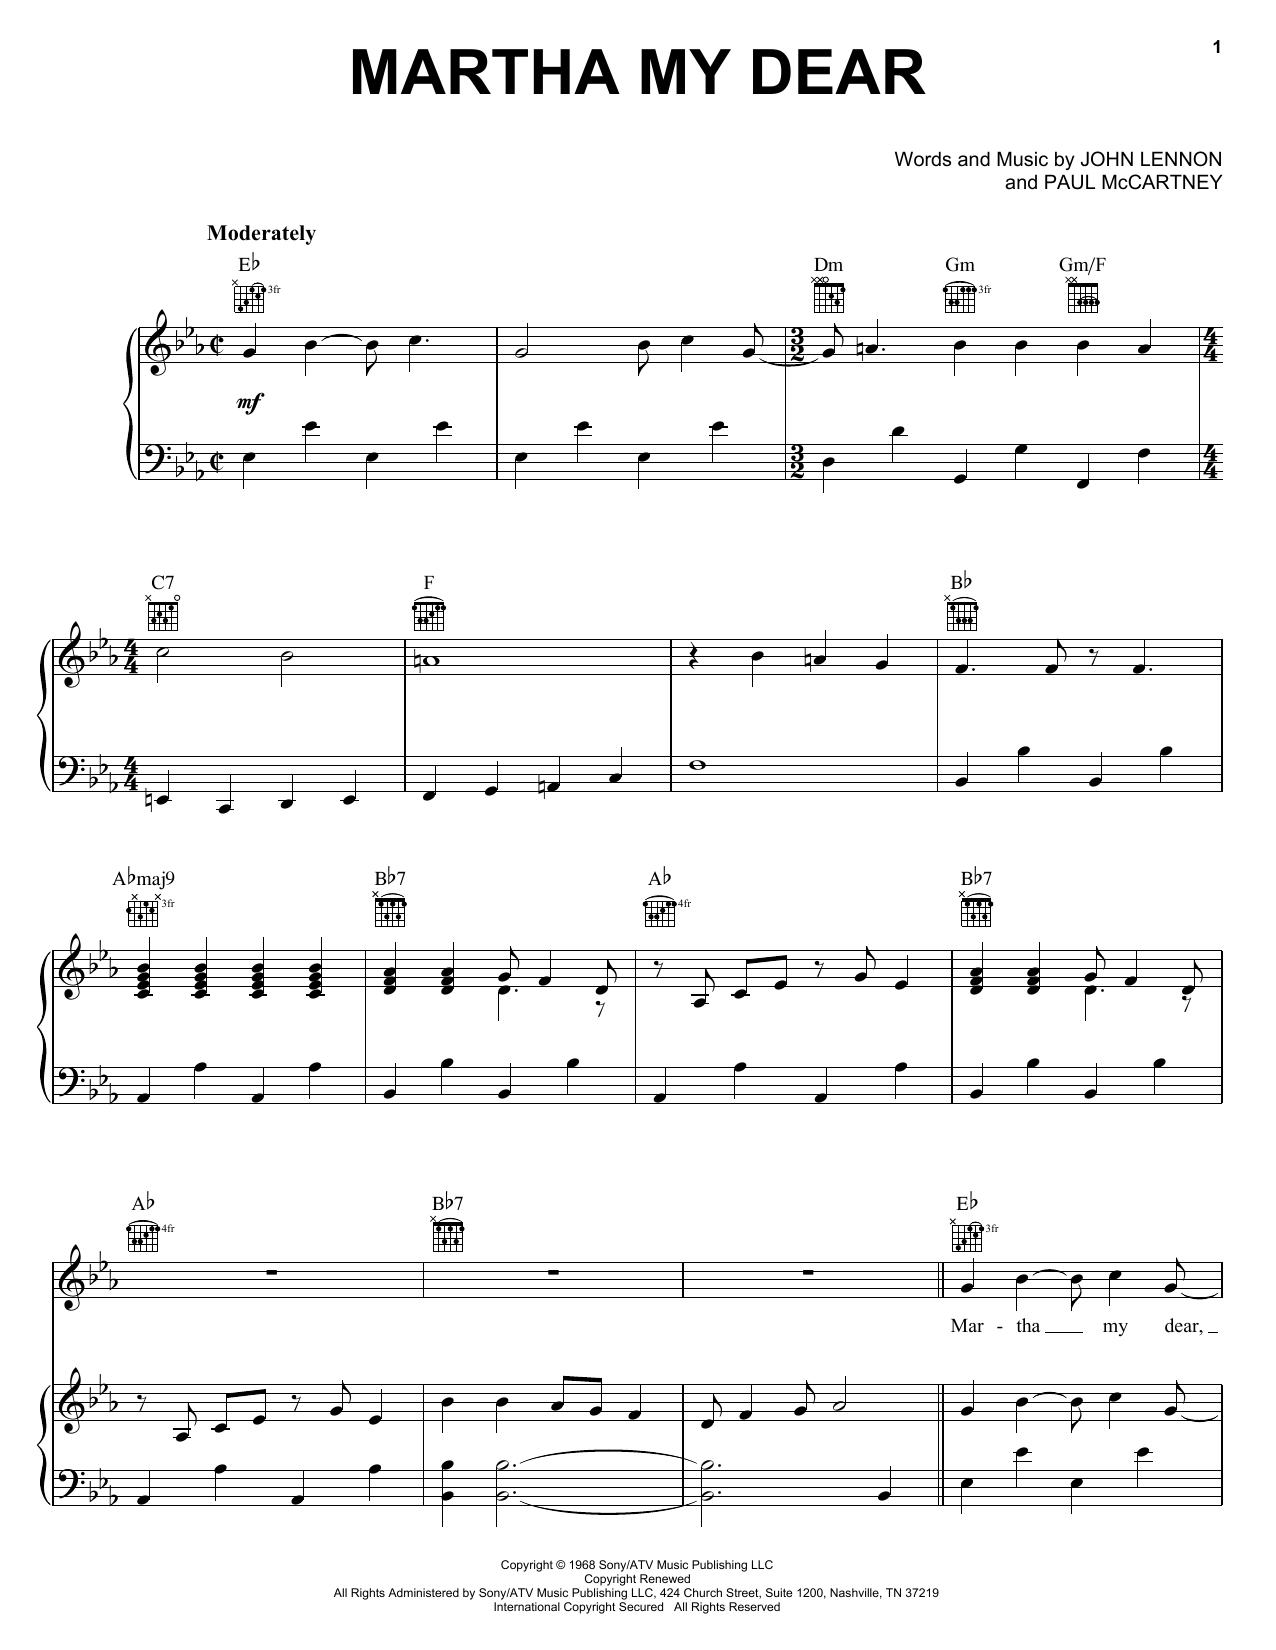 The beatles martha my dear lyrics